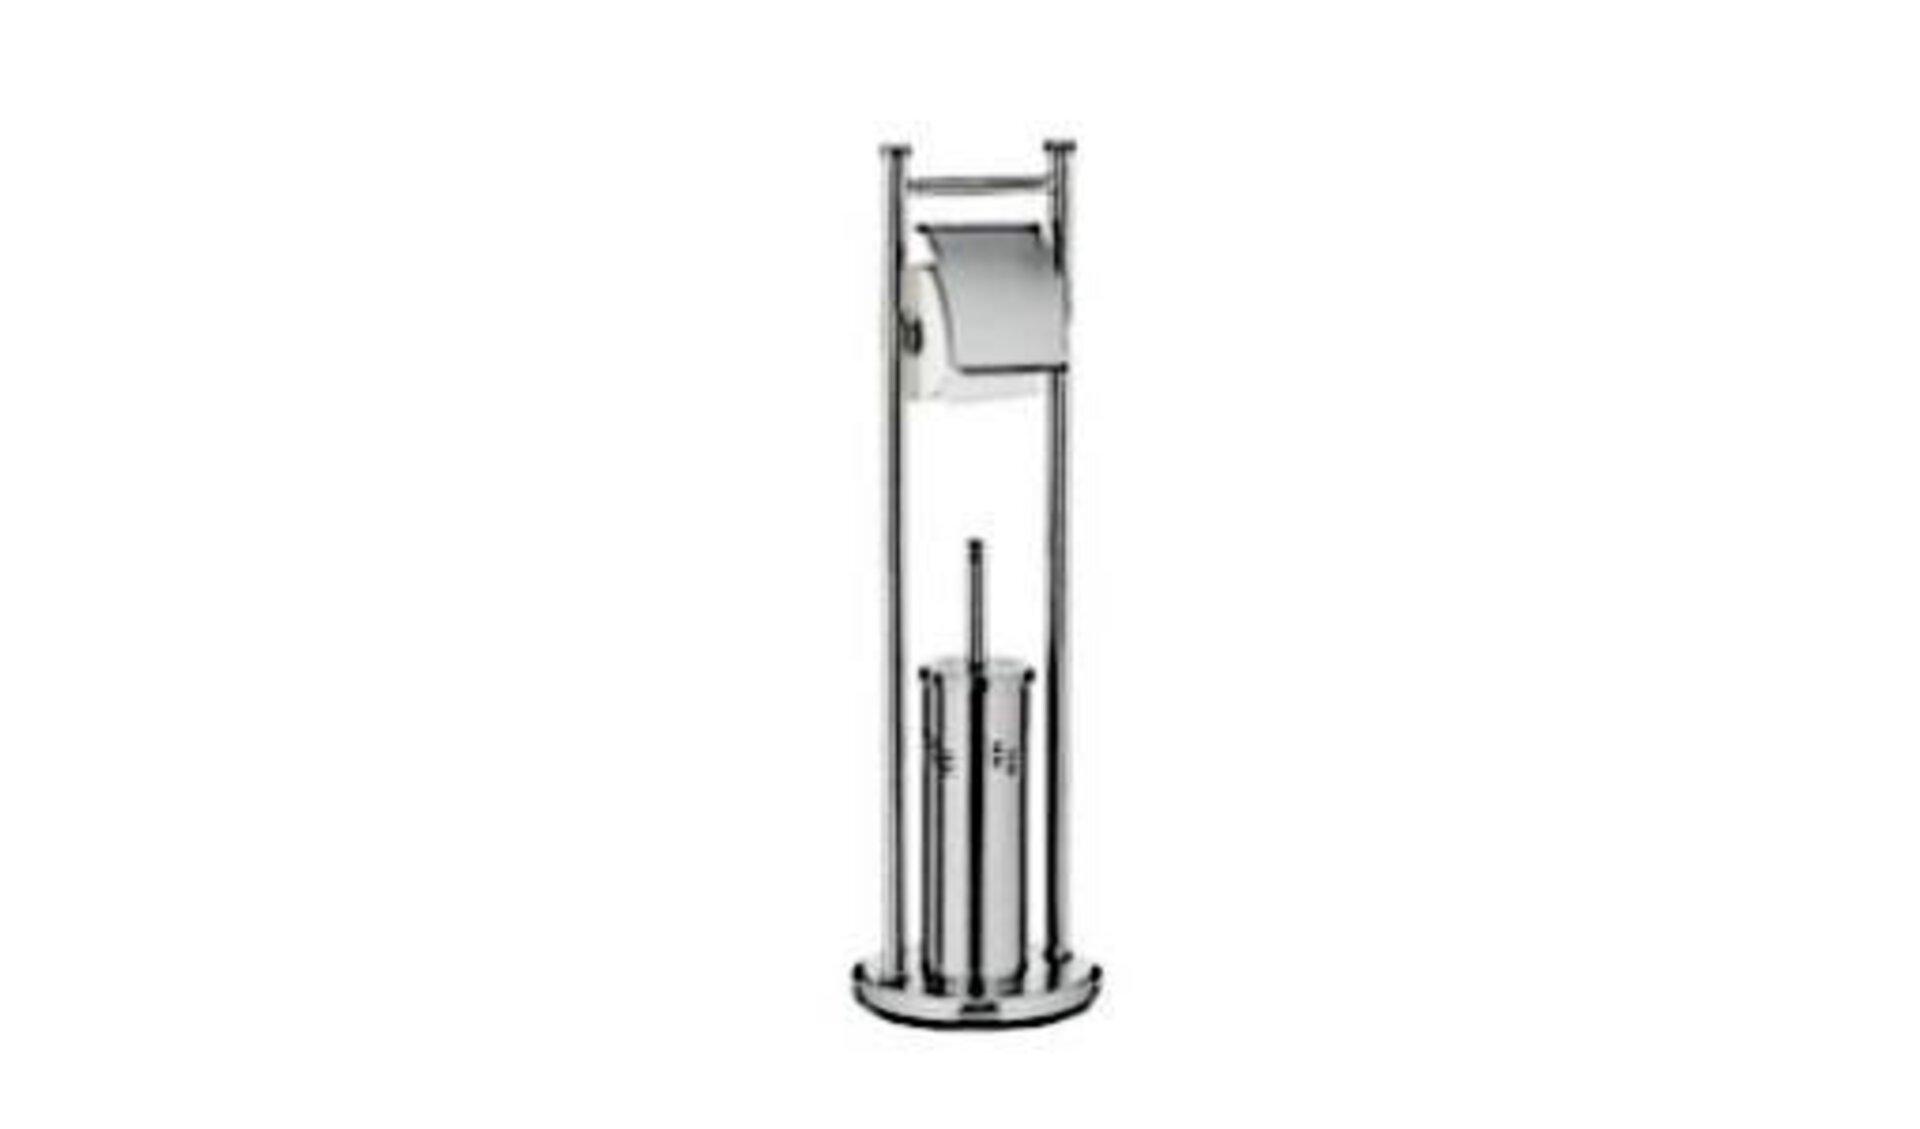 Der Edelstahlständer mit Behälter für die Klobürste im unteren Bereich und Stange für die Klopapierrolle ist Sinnbild für die WC-Bürste und die WC-Garnituren, die in der Produktwelt aufgeführt sind.